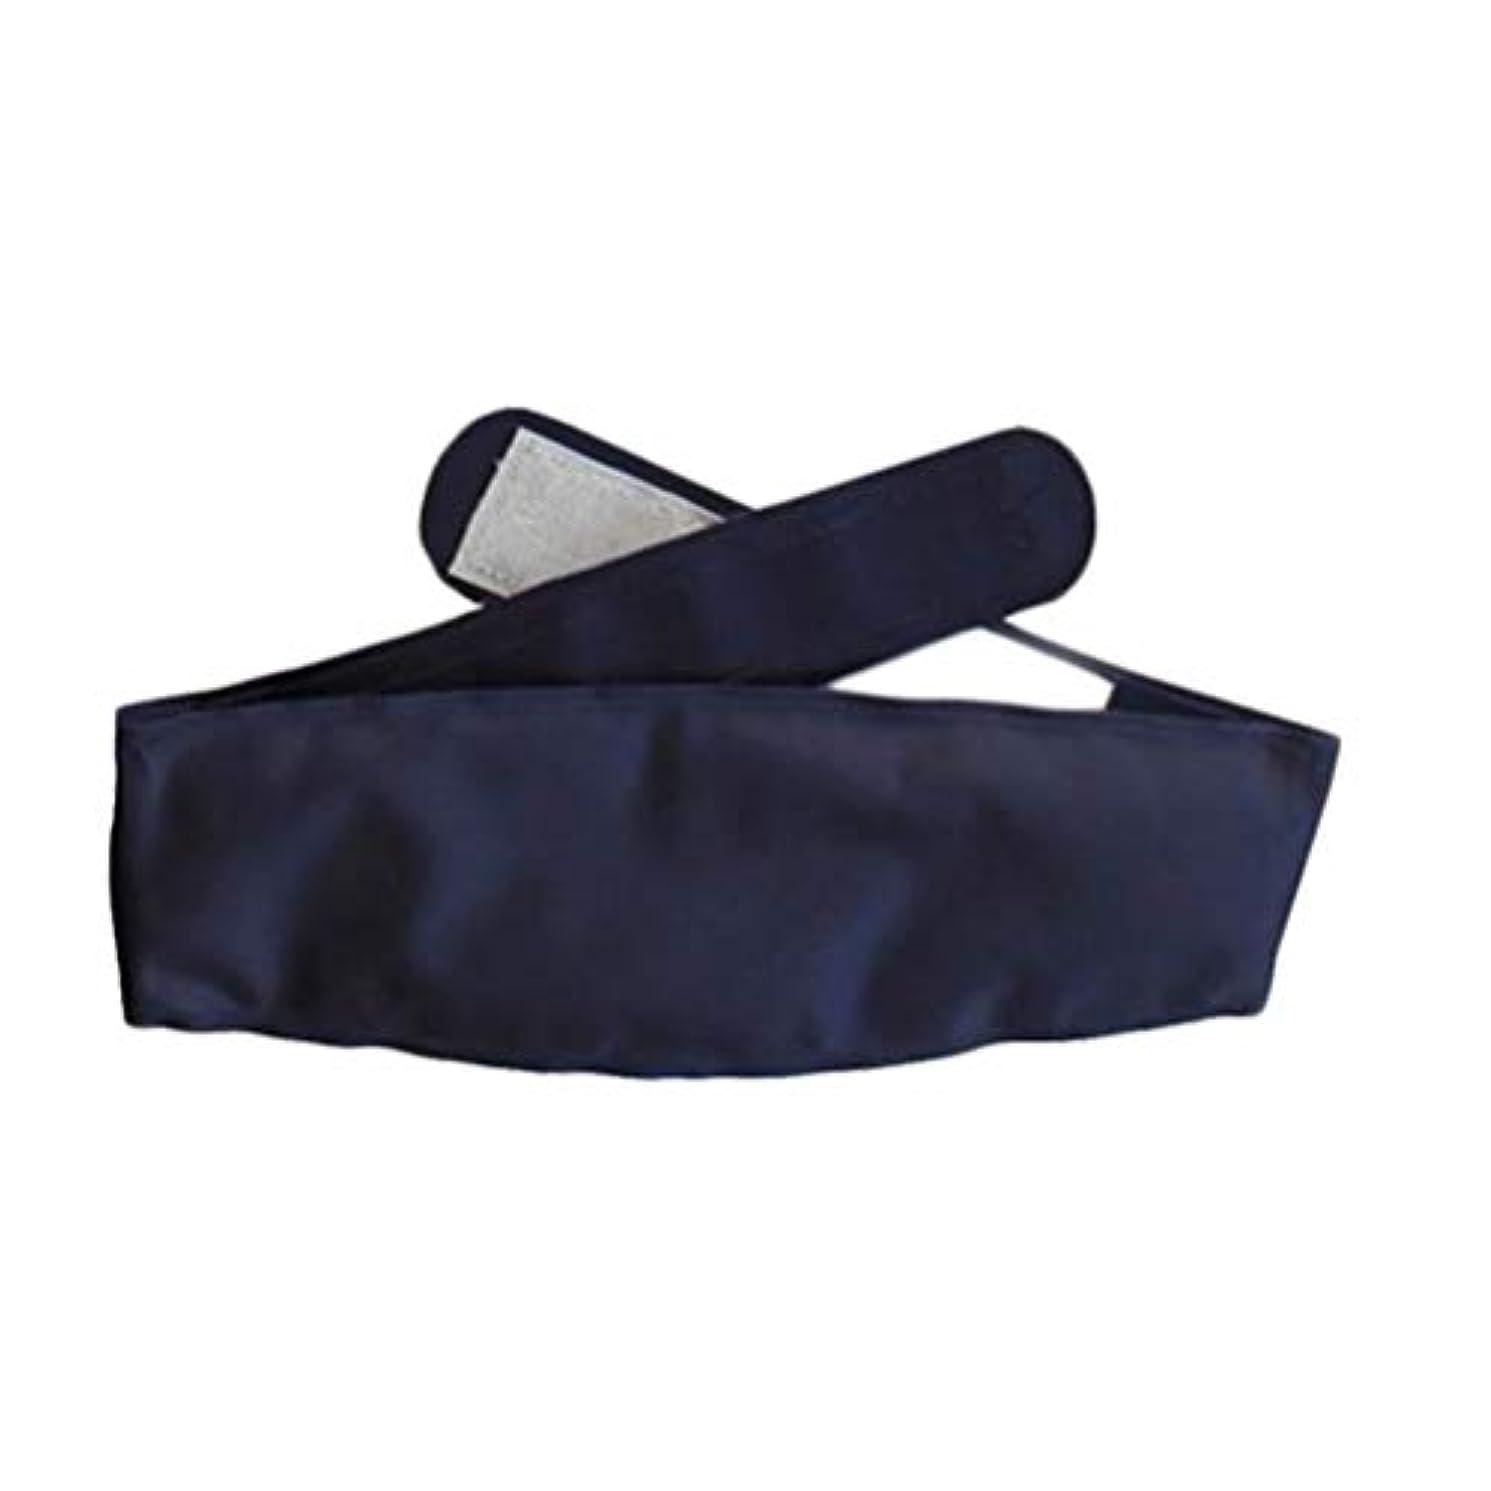 ニックネームディスカウント称賛Healifty コールドジェルはアイスパッドにストラップを詰めますオーバーヒート傷害のためのホットコールドセラピー応急処置痛み腫れあざ捻rain炎症痛みの緩和